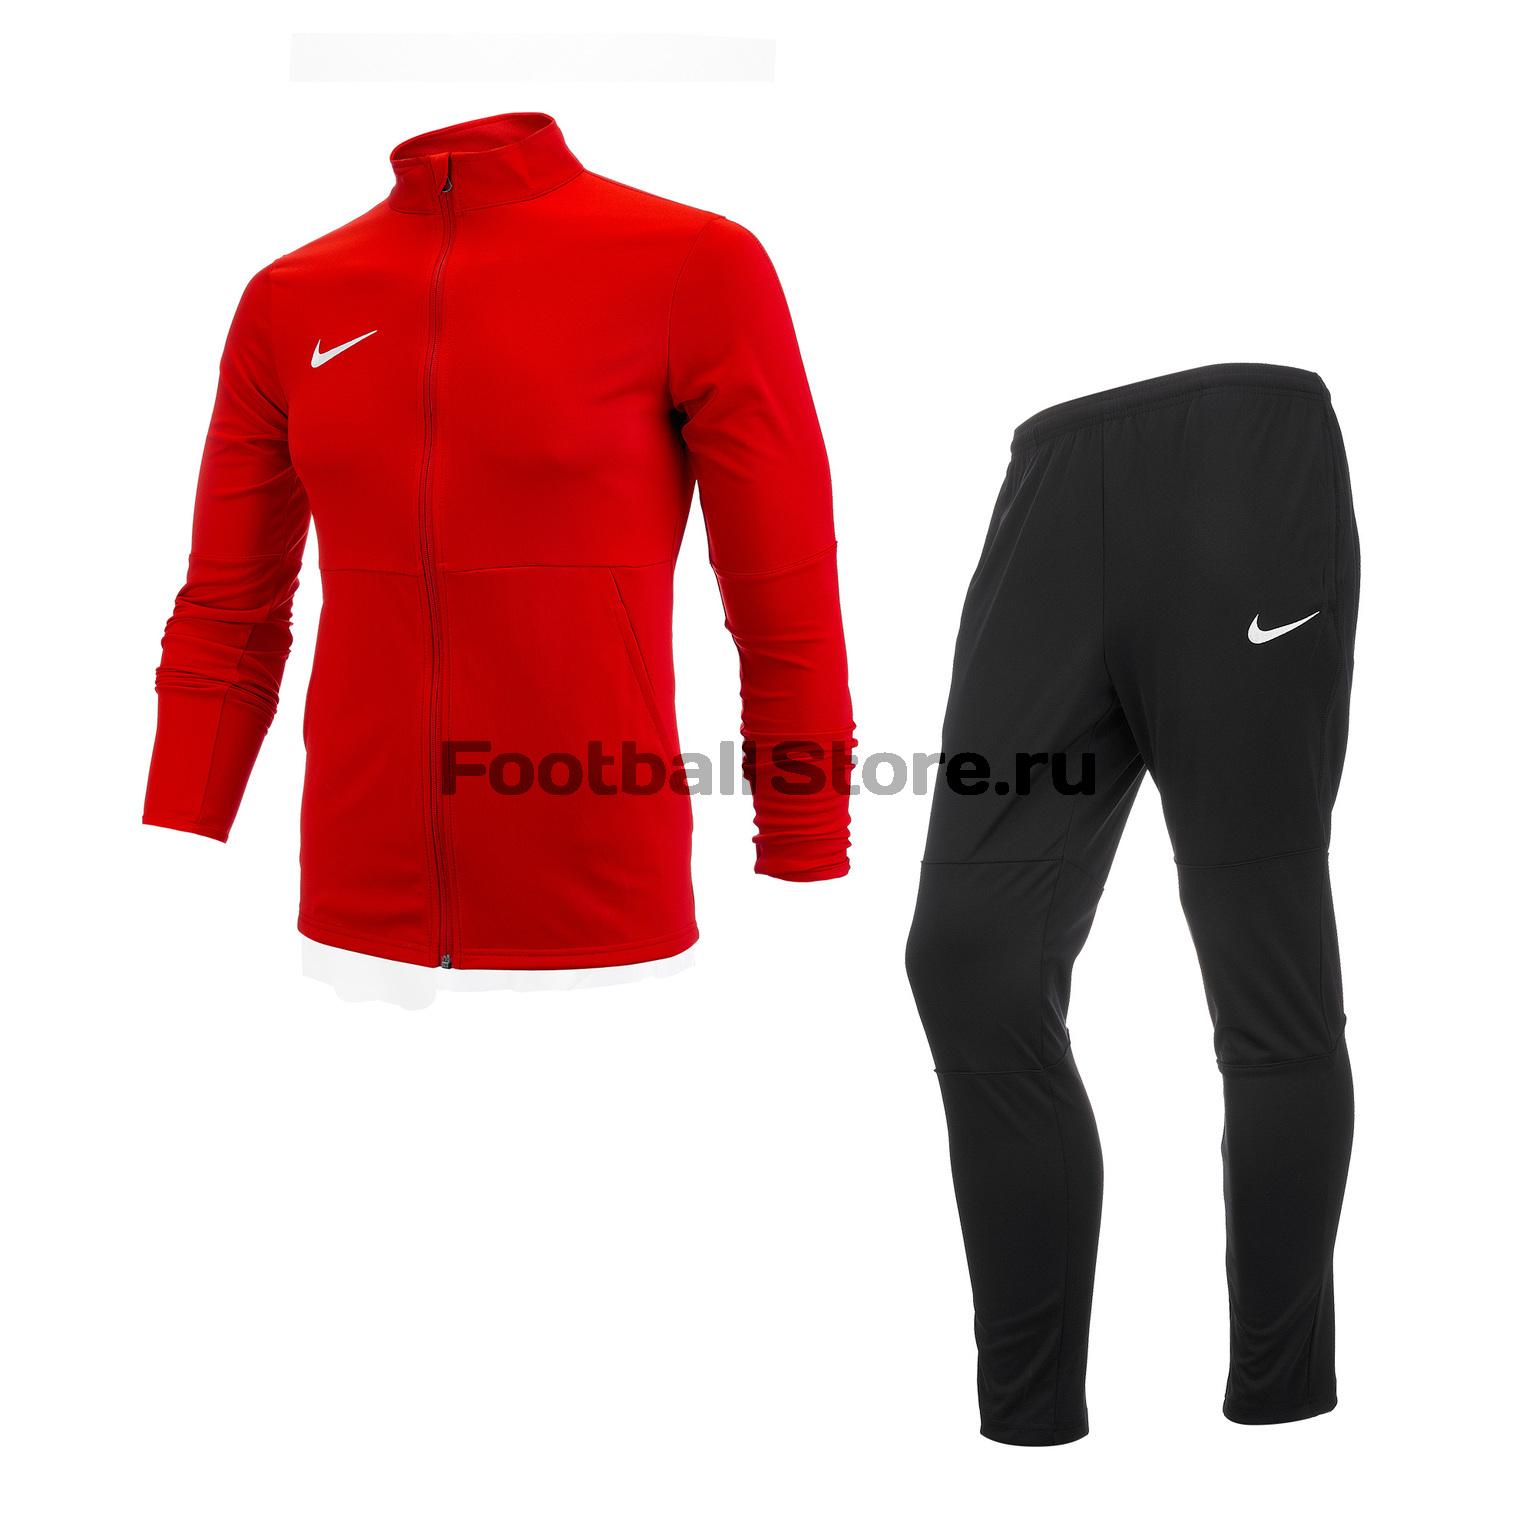 Костюм спортивный Nike Dry Park18 AQ5065-657